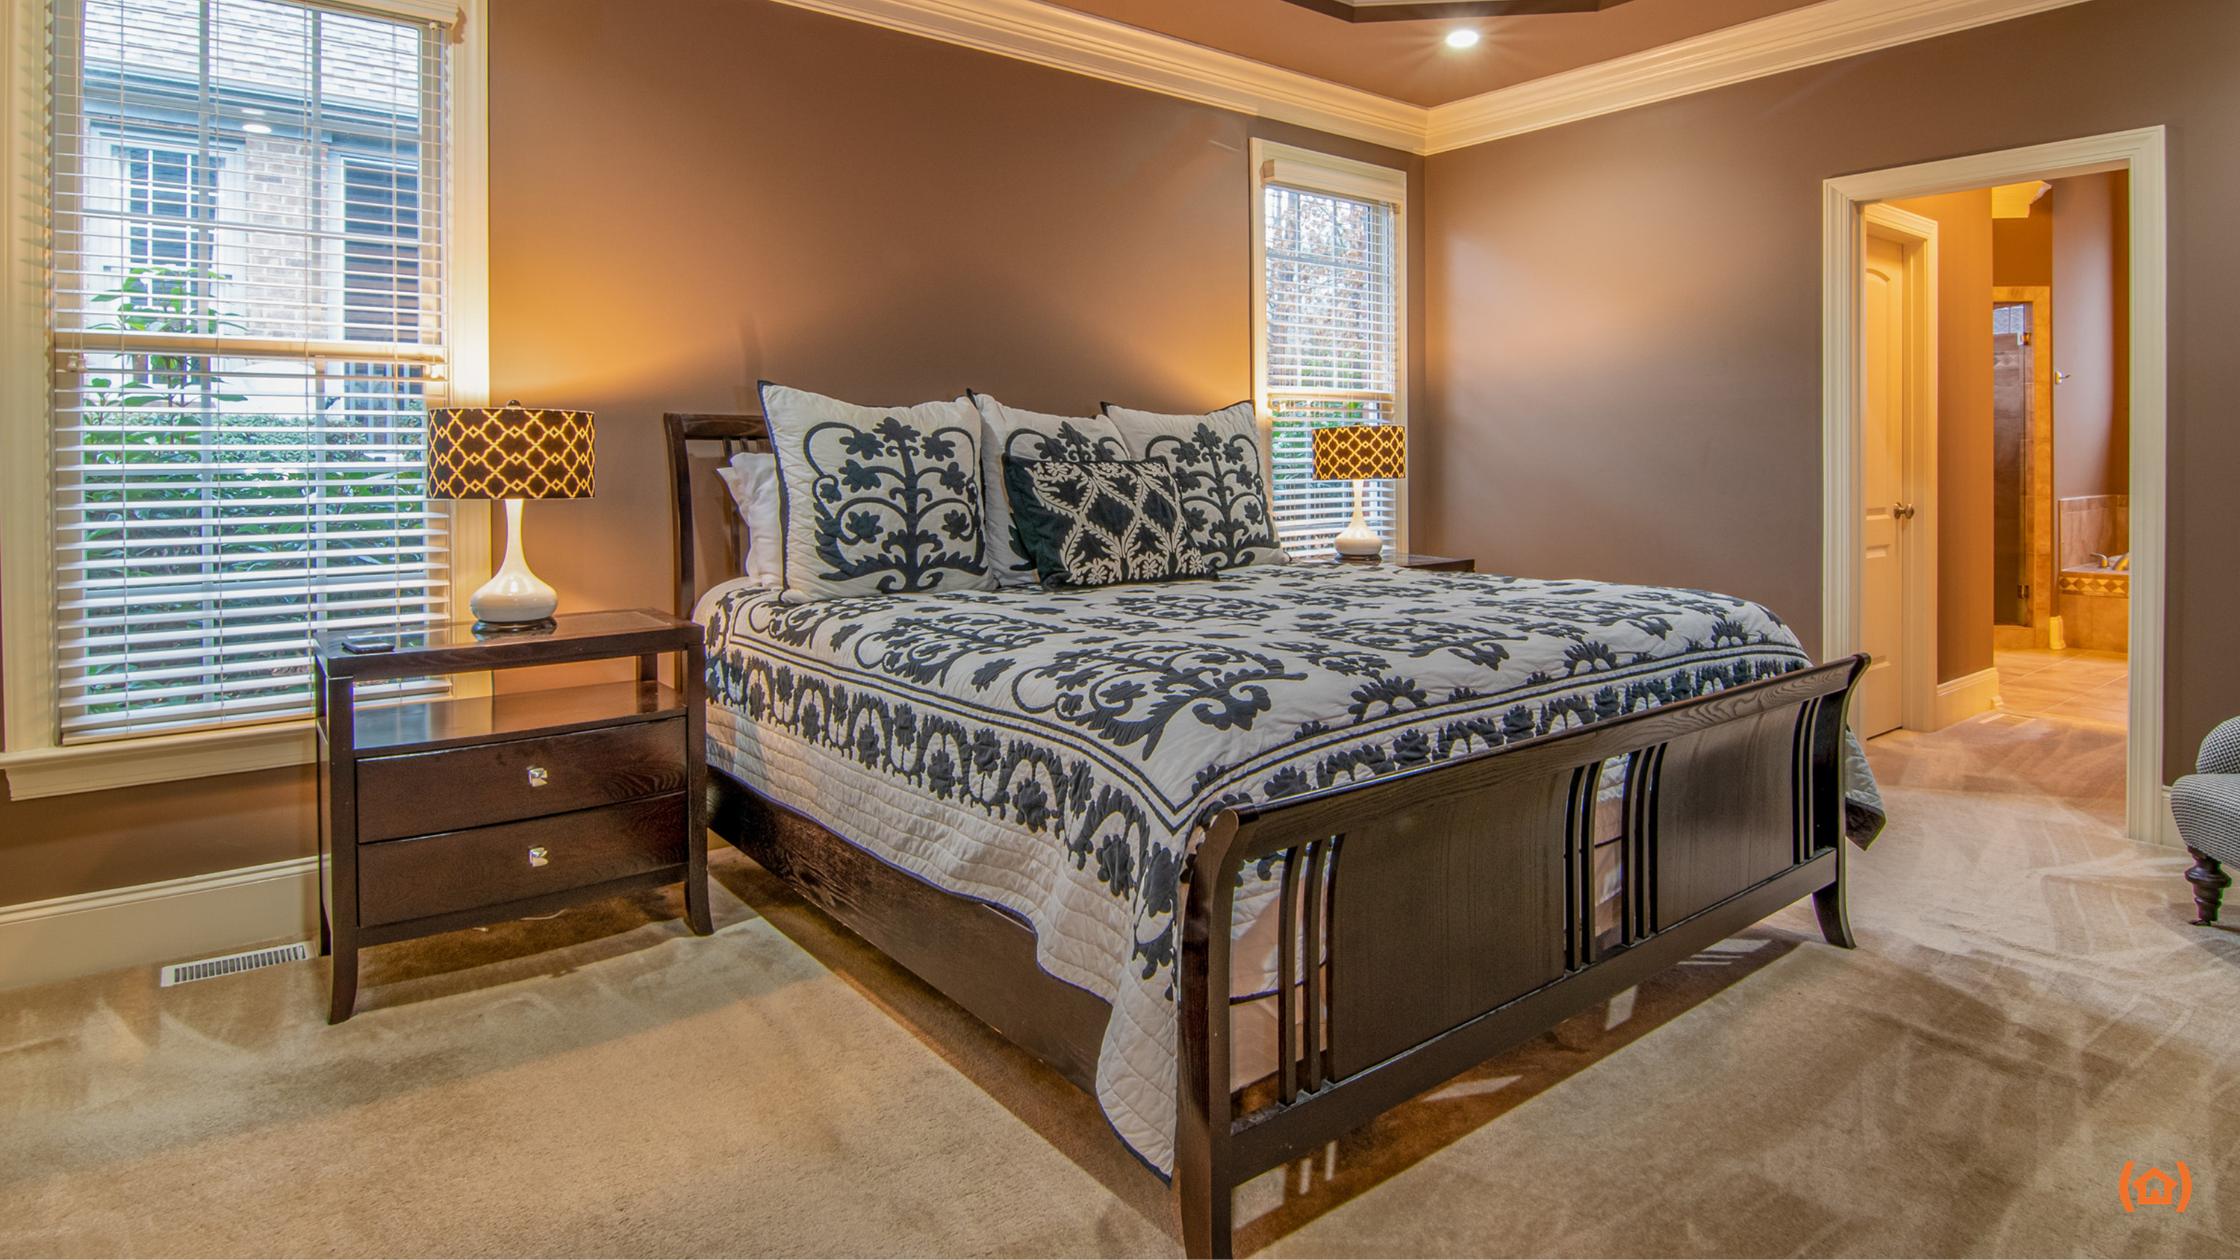 Organizar el dormitorio de una persona mayor es una tarea que requiere tener en cuenta varios aspectos, pero seguramente el más importante es su movilidad.